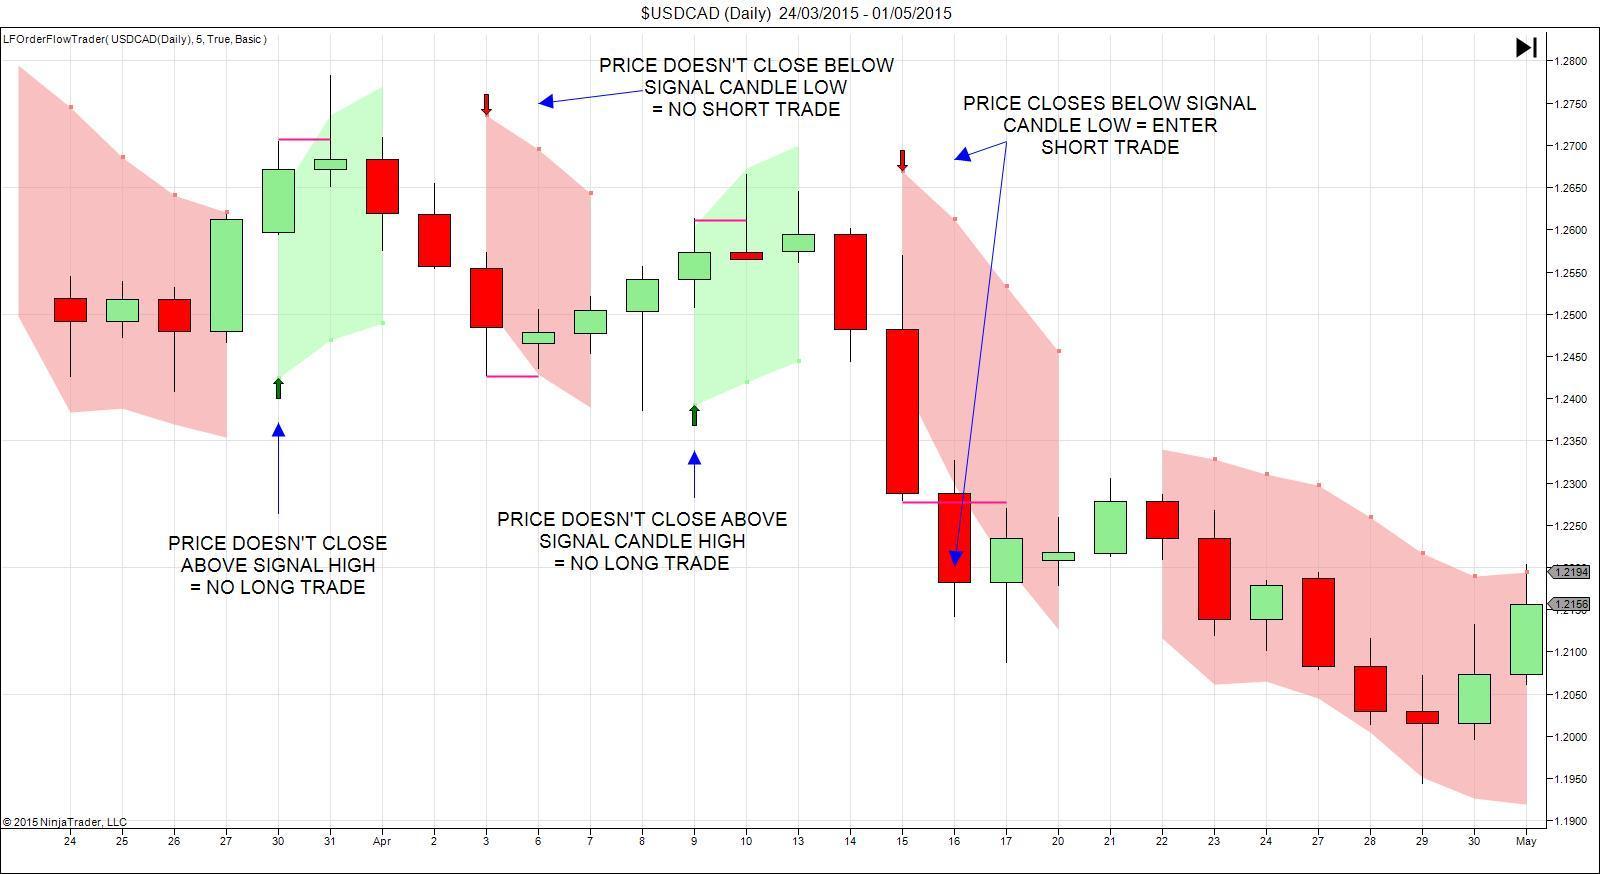 Order flow trader forex